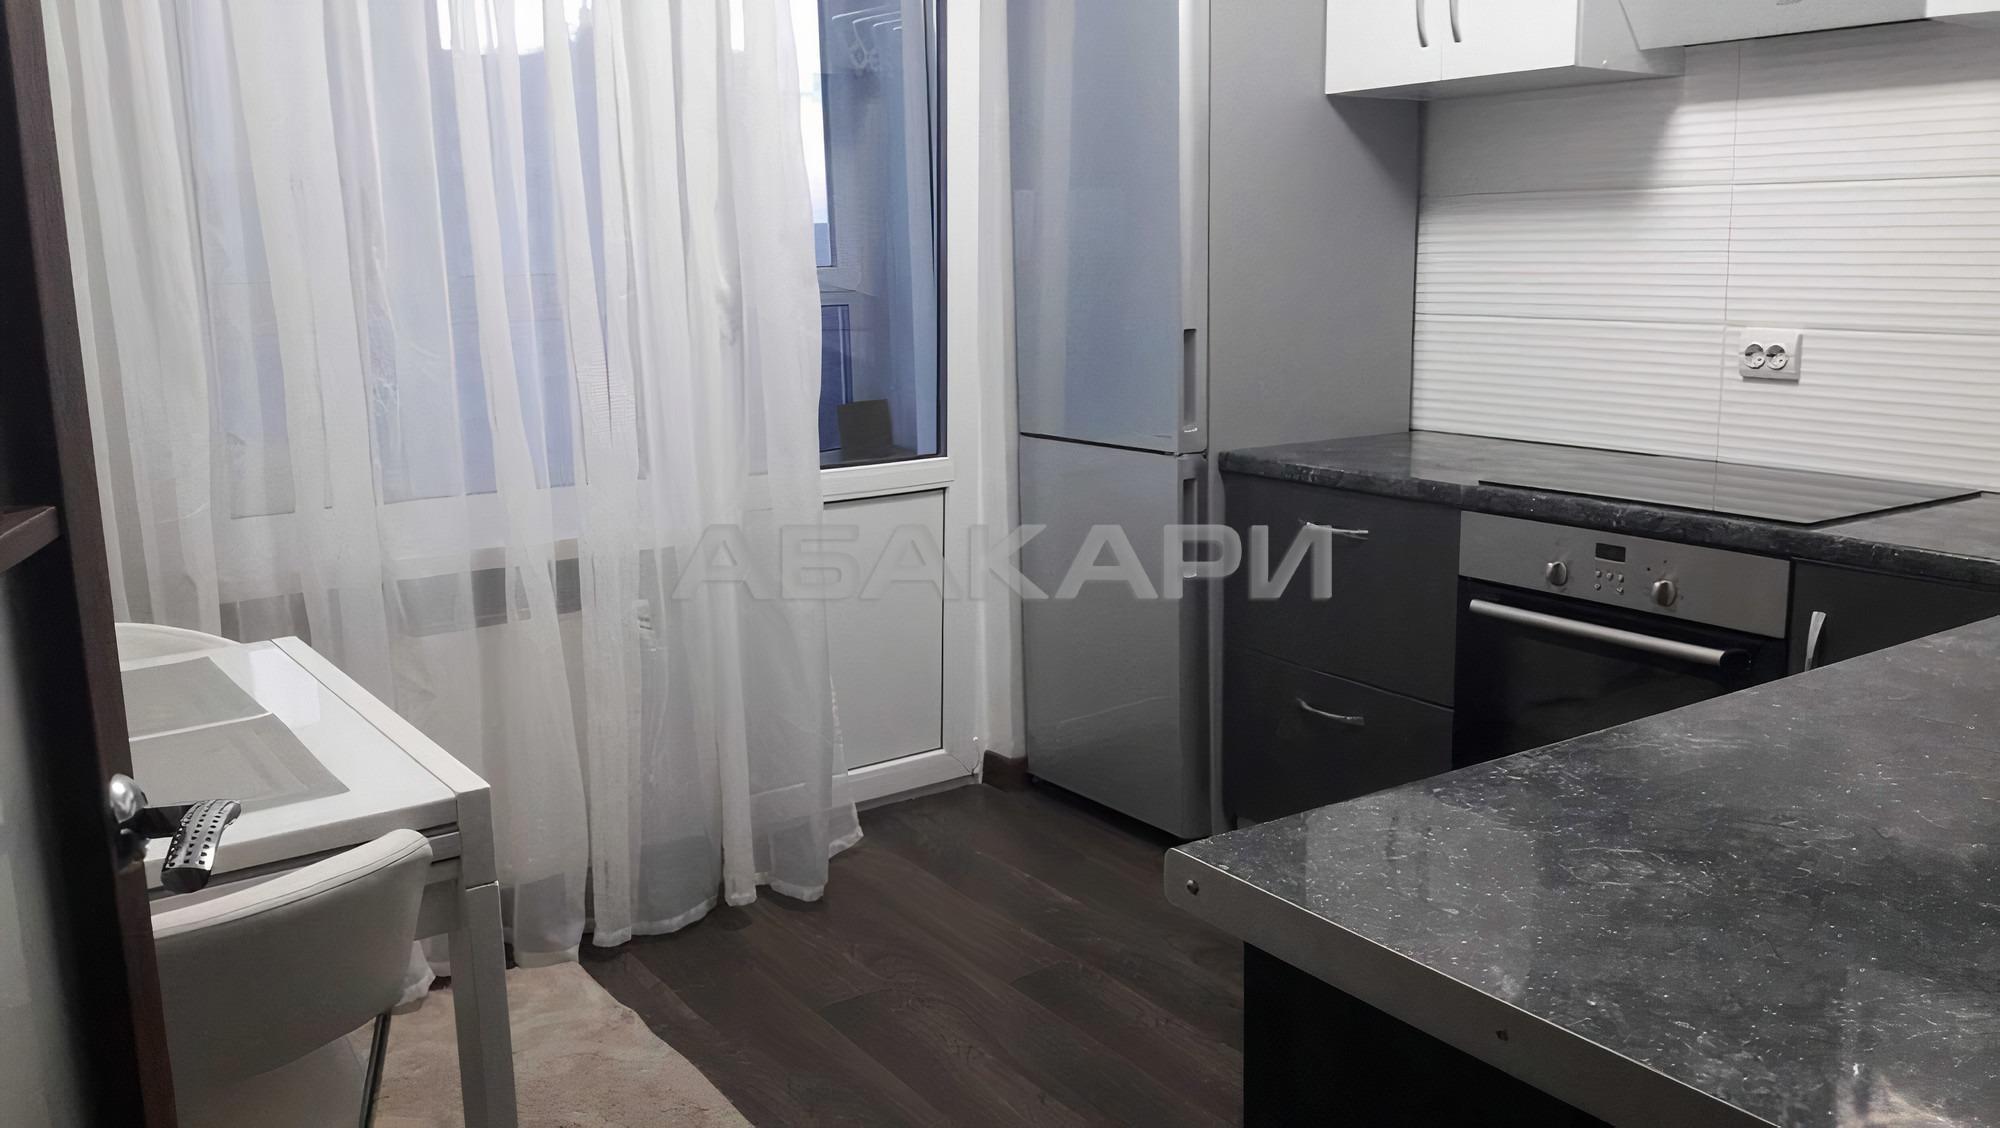 1к квартира улица Батурина, 7 3/10 - 36кв | 15000 | аренда в Красноярске фото 0